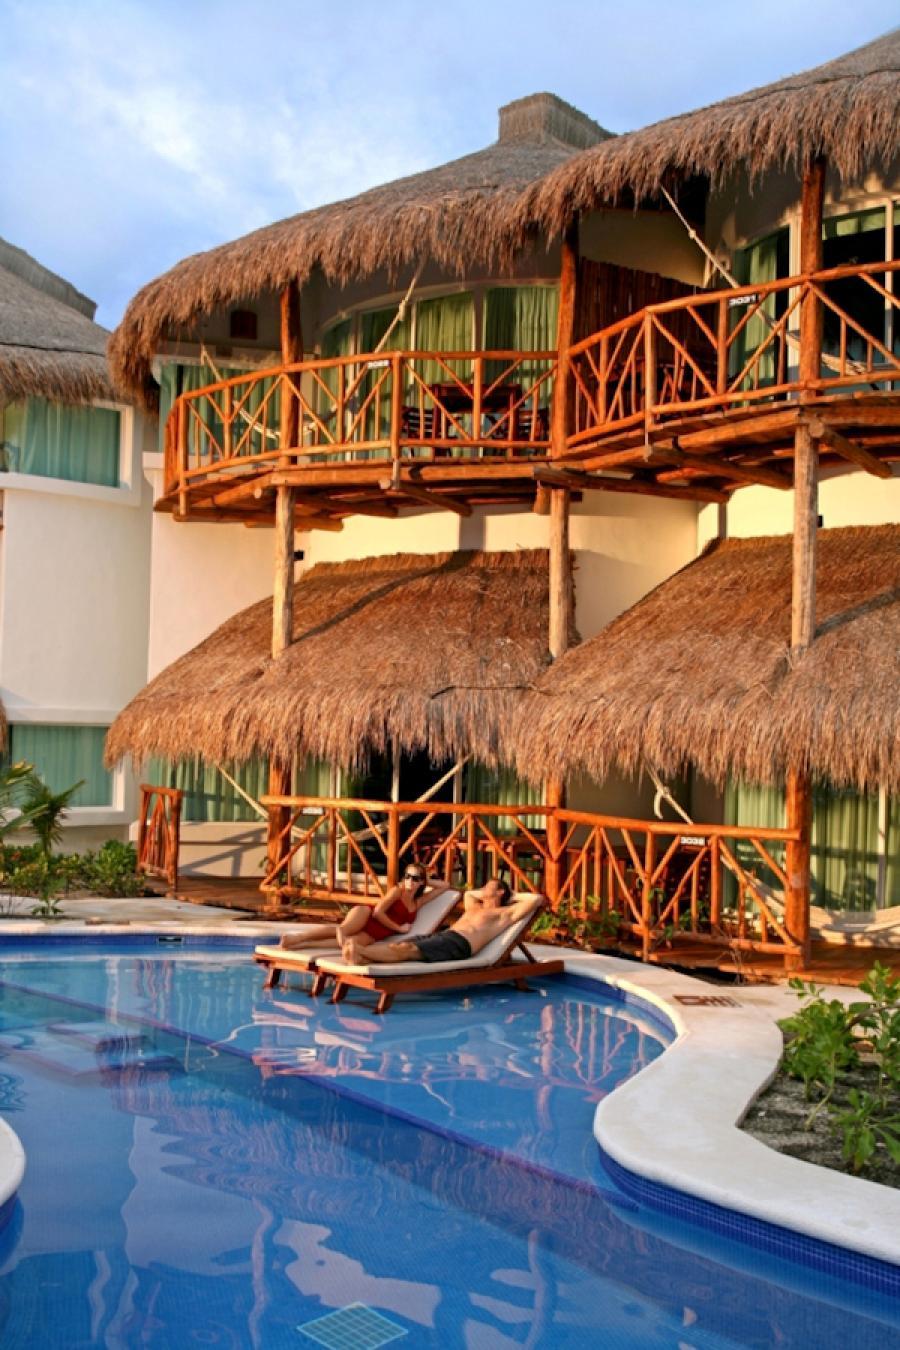 El dorado royale spa resort riviera maya for El dorado cabins